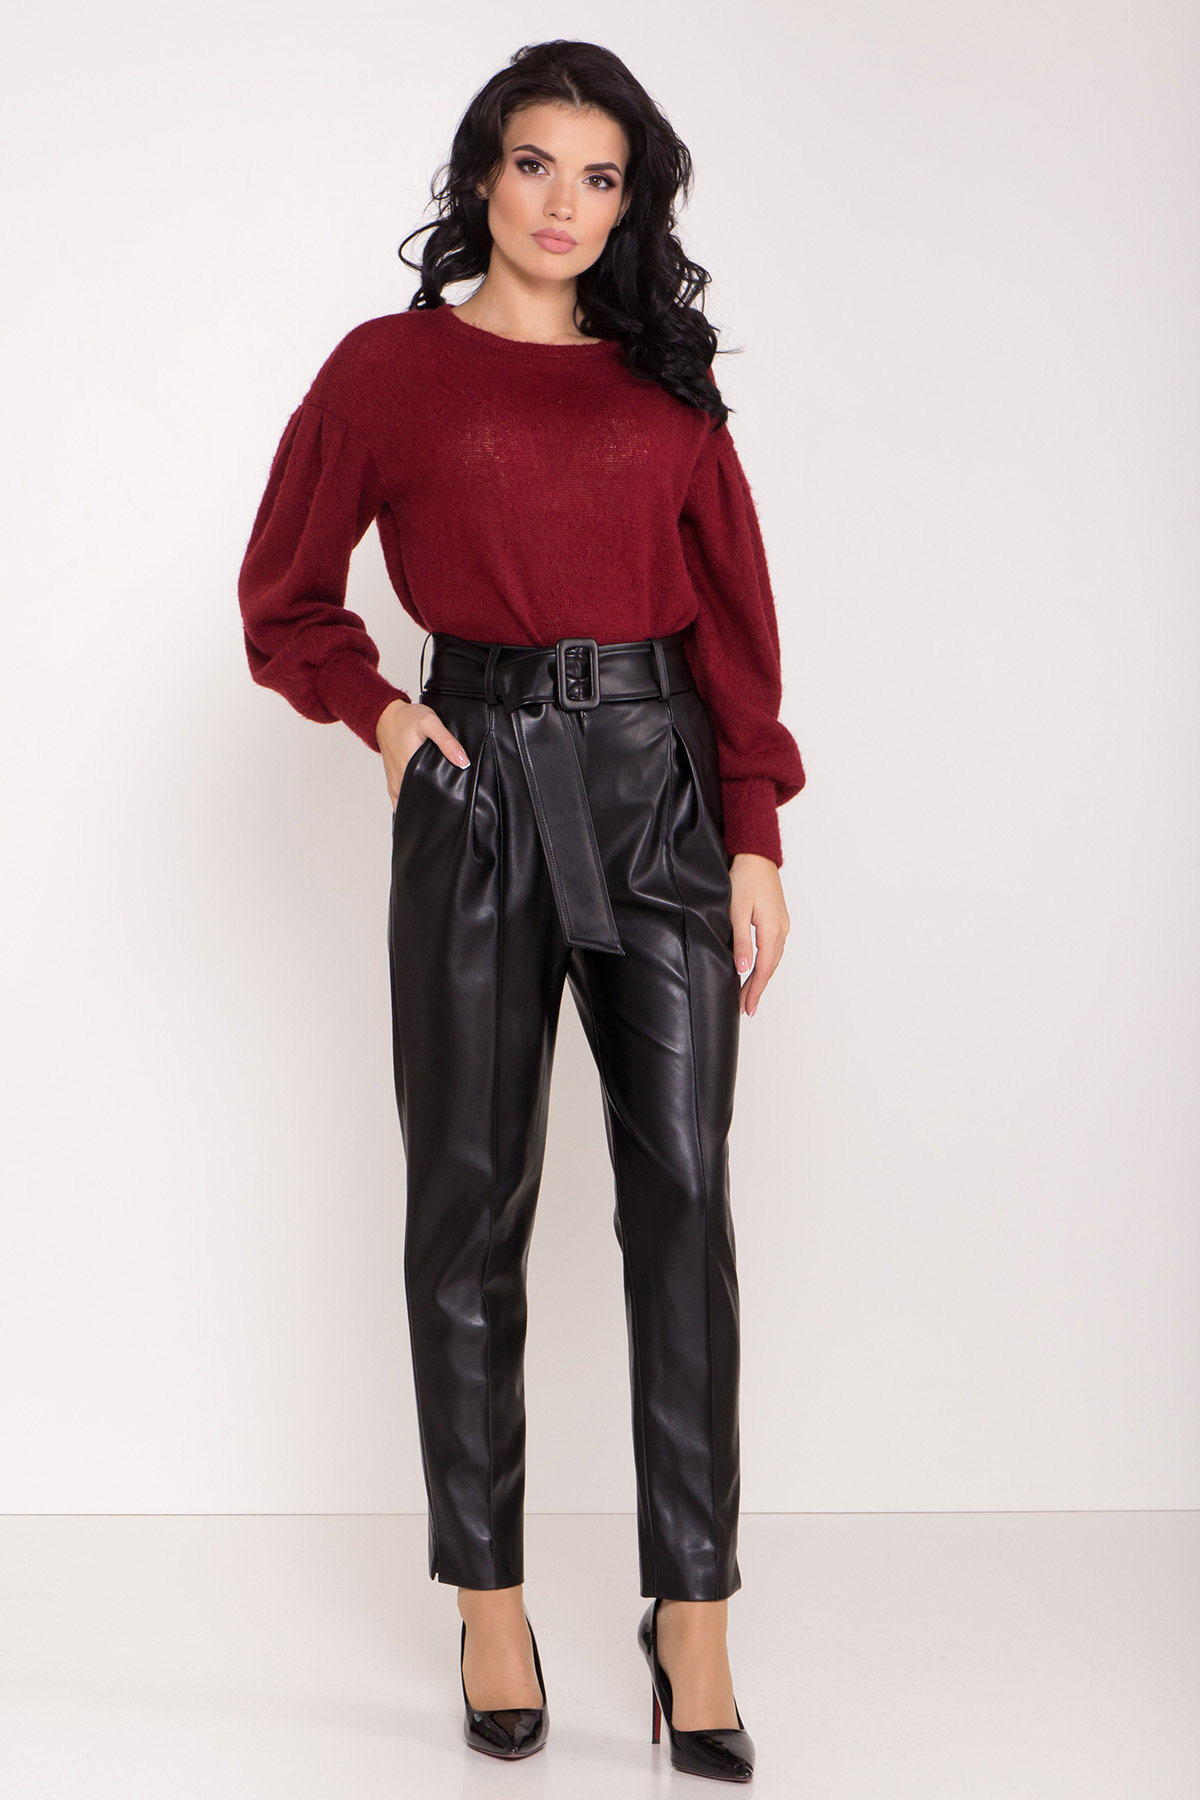 Женские брюки купить Брюки с высокой посадкой из экокожи Кемер 8493